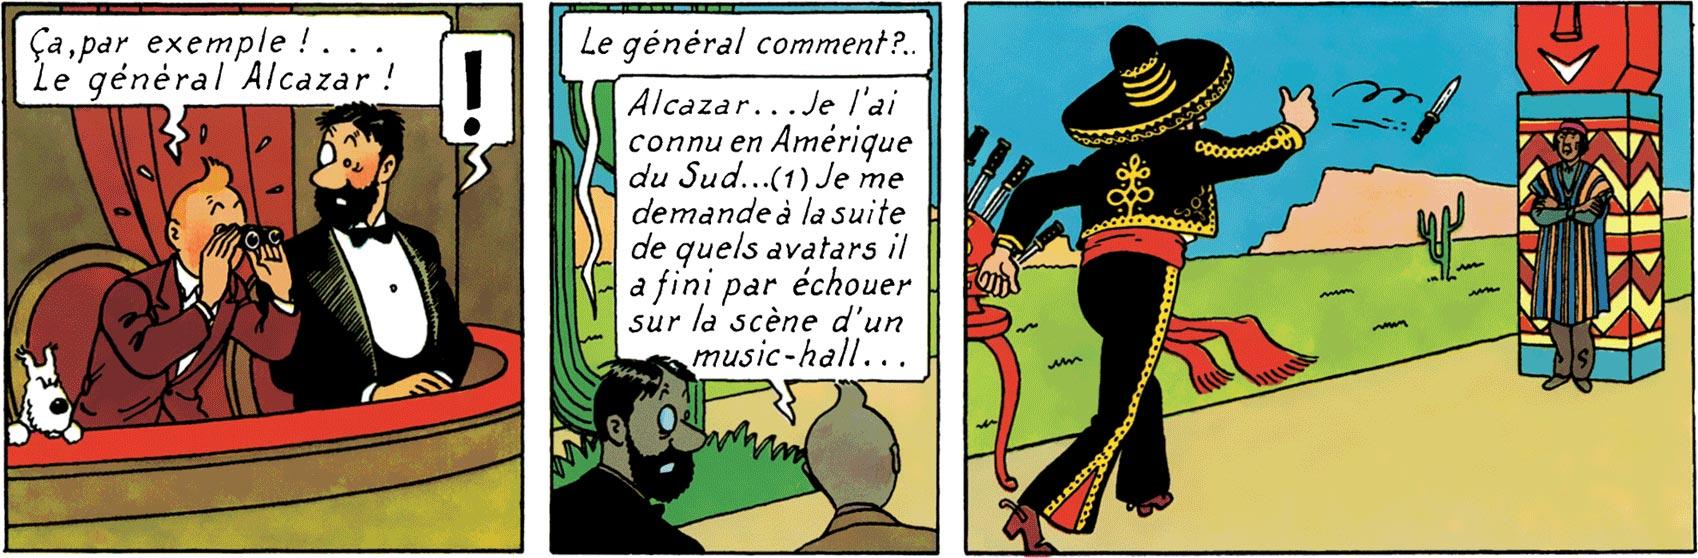 Le Général Alcazar est Ramon Zarate dans Les 7 Boules de cristal